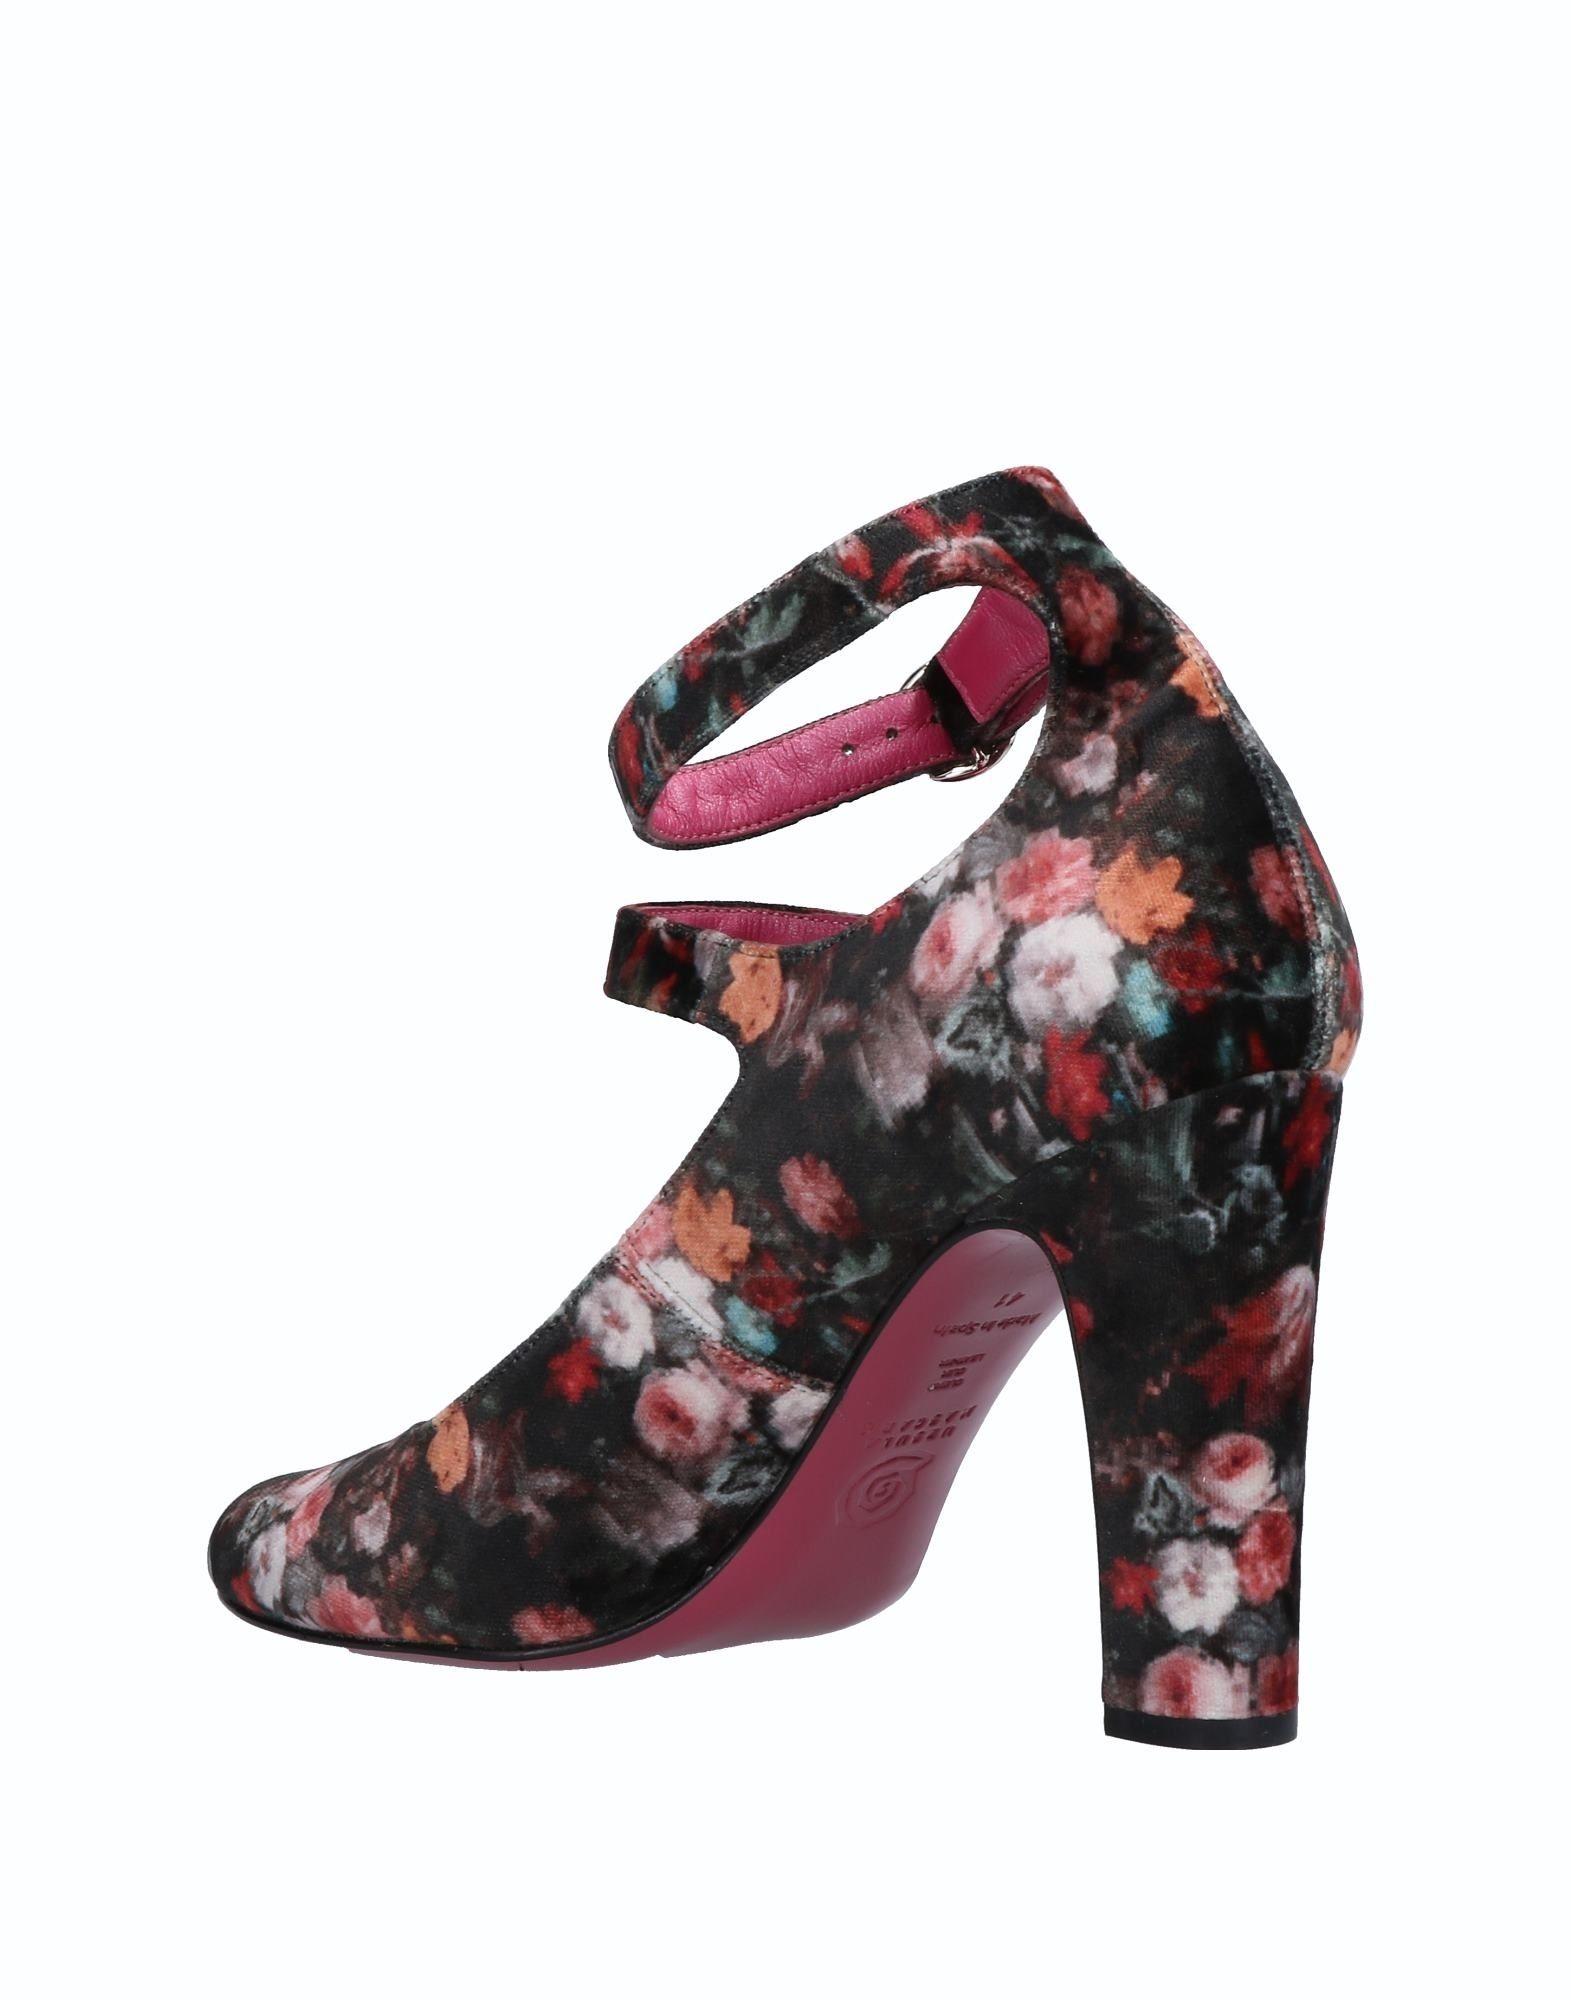 Ursula 11510528HQ Mascaro' Pumps Damen  11510528HQ Ursula Gute Qualität beliebte Schuhe 4b2a06